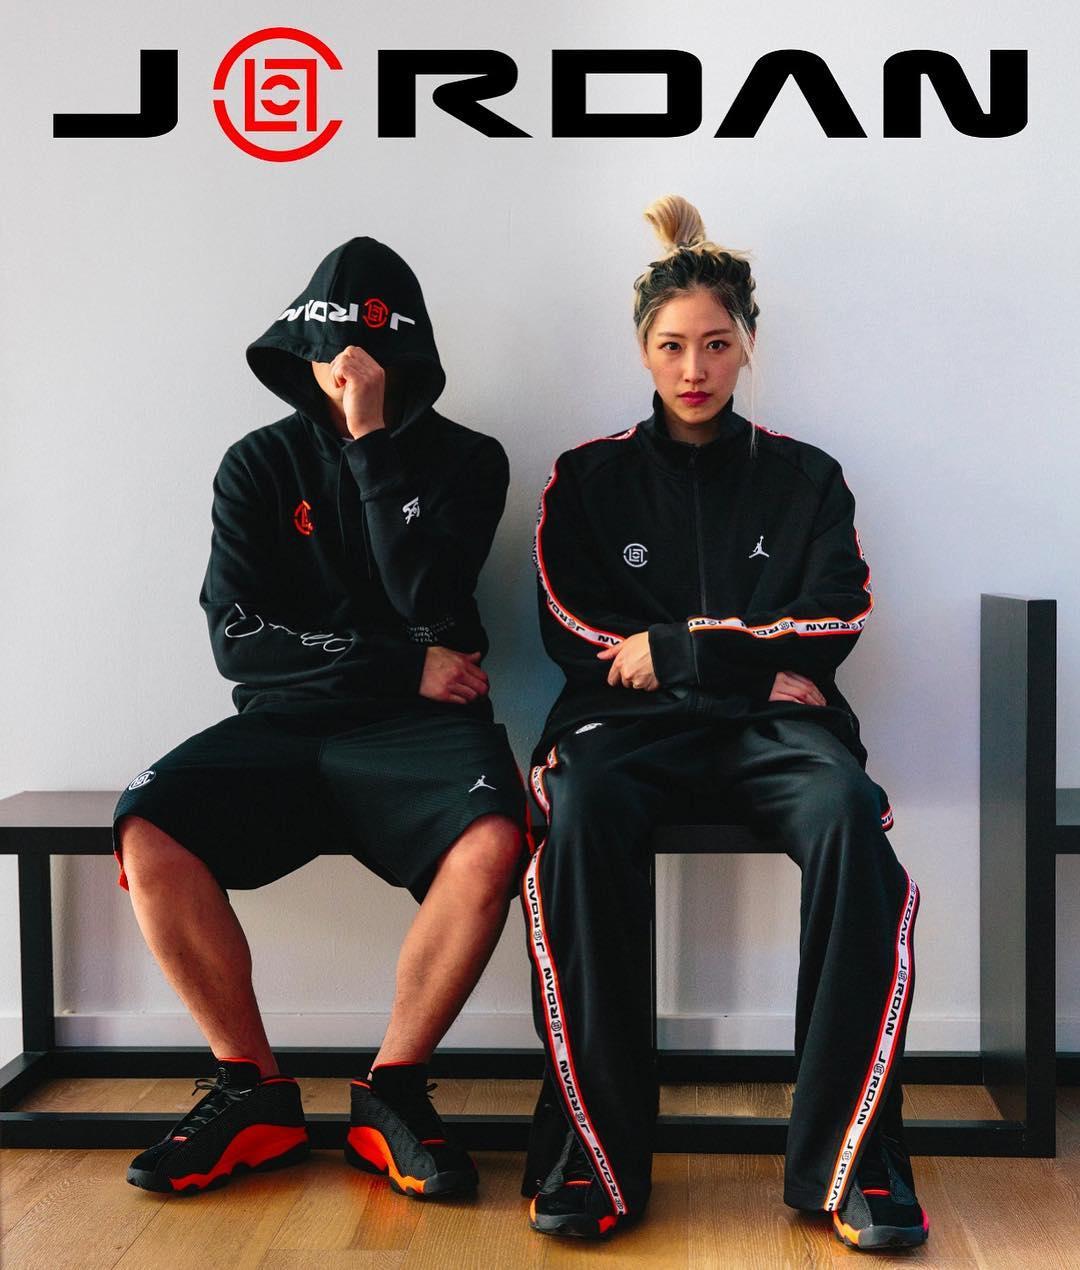 Air Jordan,Nike,adidas,Supreme  十大「最贵联名球鞋」!OW x AJ1 排倒数,第一名能换小汽车!